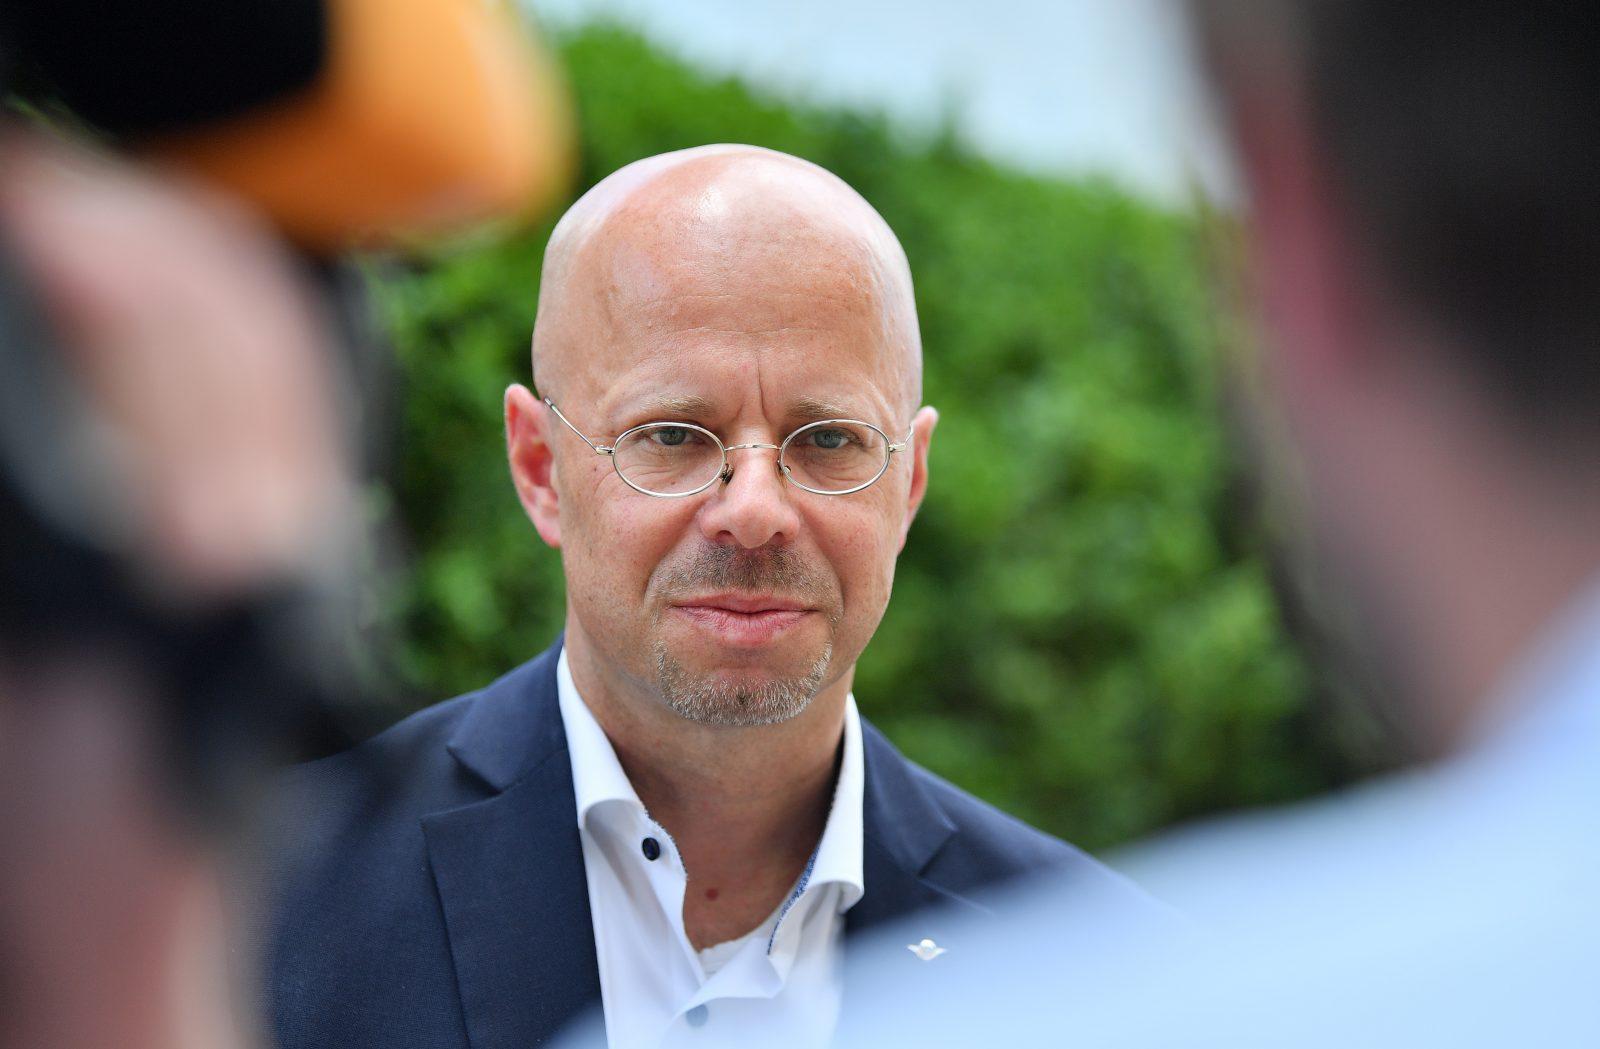 Der ehemalige brandenburger AfD-Fraktionsvorsitzende Andreas Kalbitz war laut Verfassungsschutz Mitglied der rechtsextremen HDJ Foto: picture alliance/Sebastian Gollnow/dpa